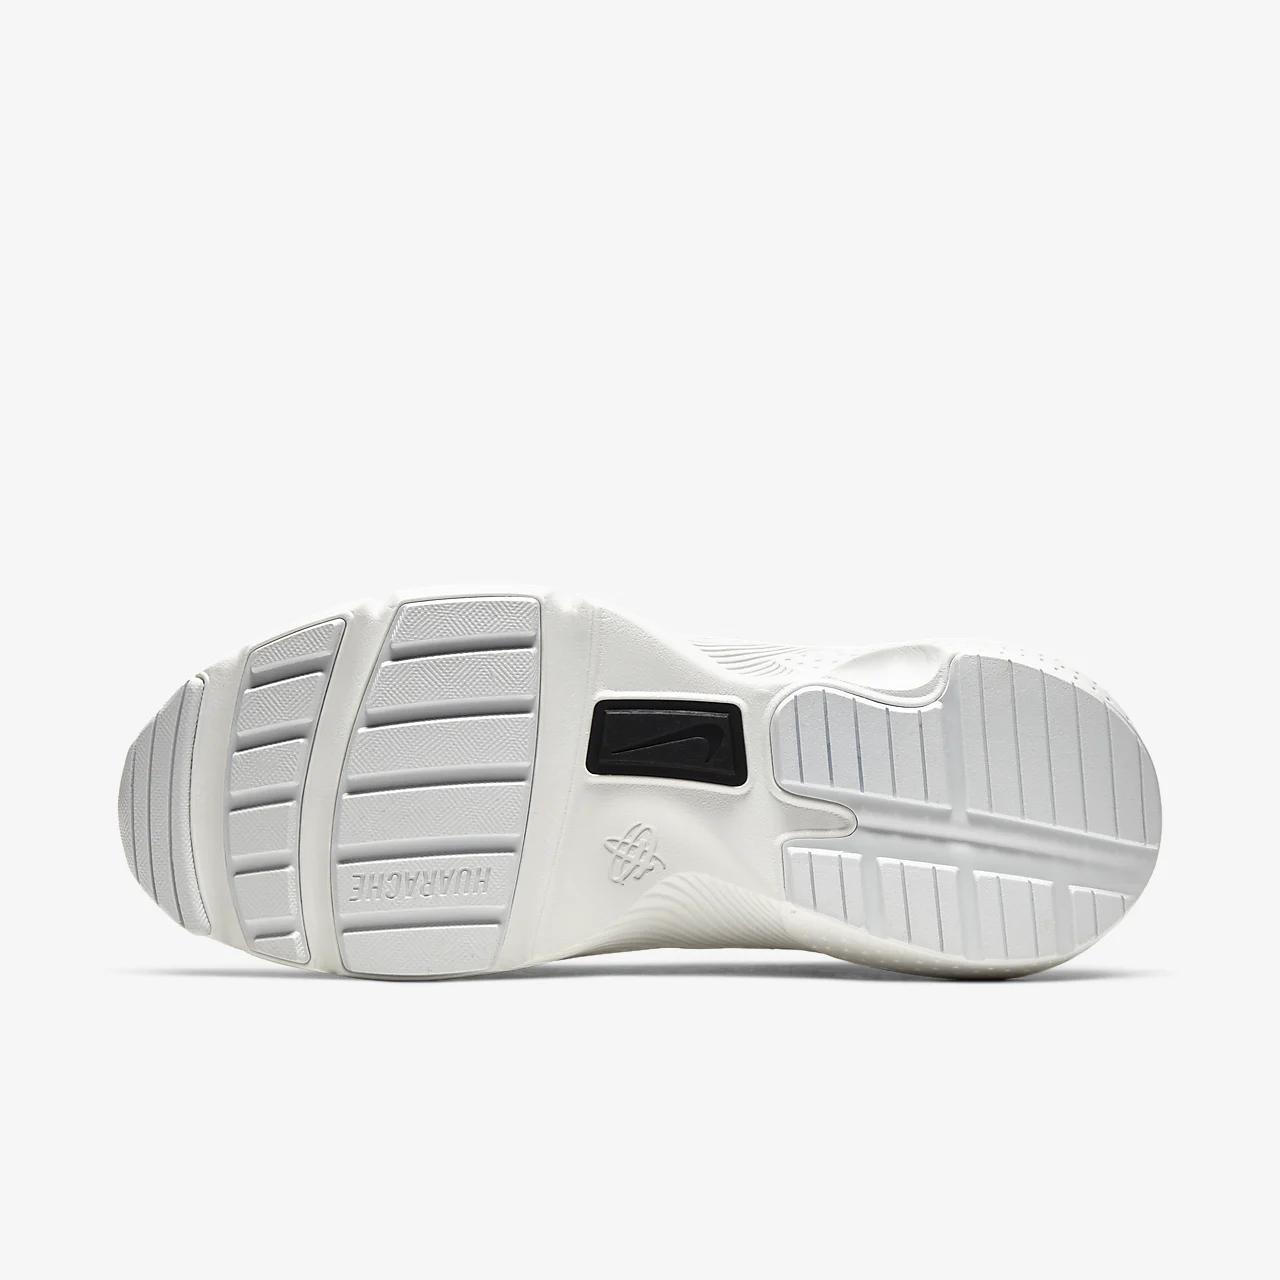 나이키 허라취 타입 남성 신발 BQ5102-400